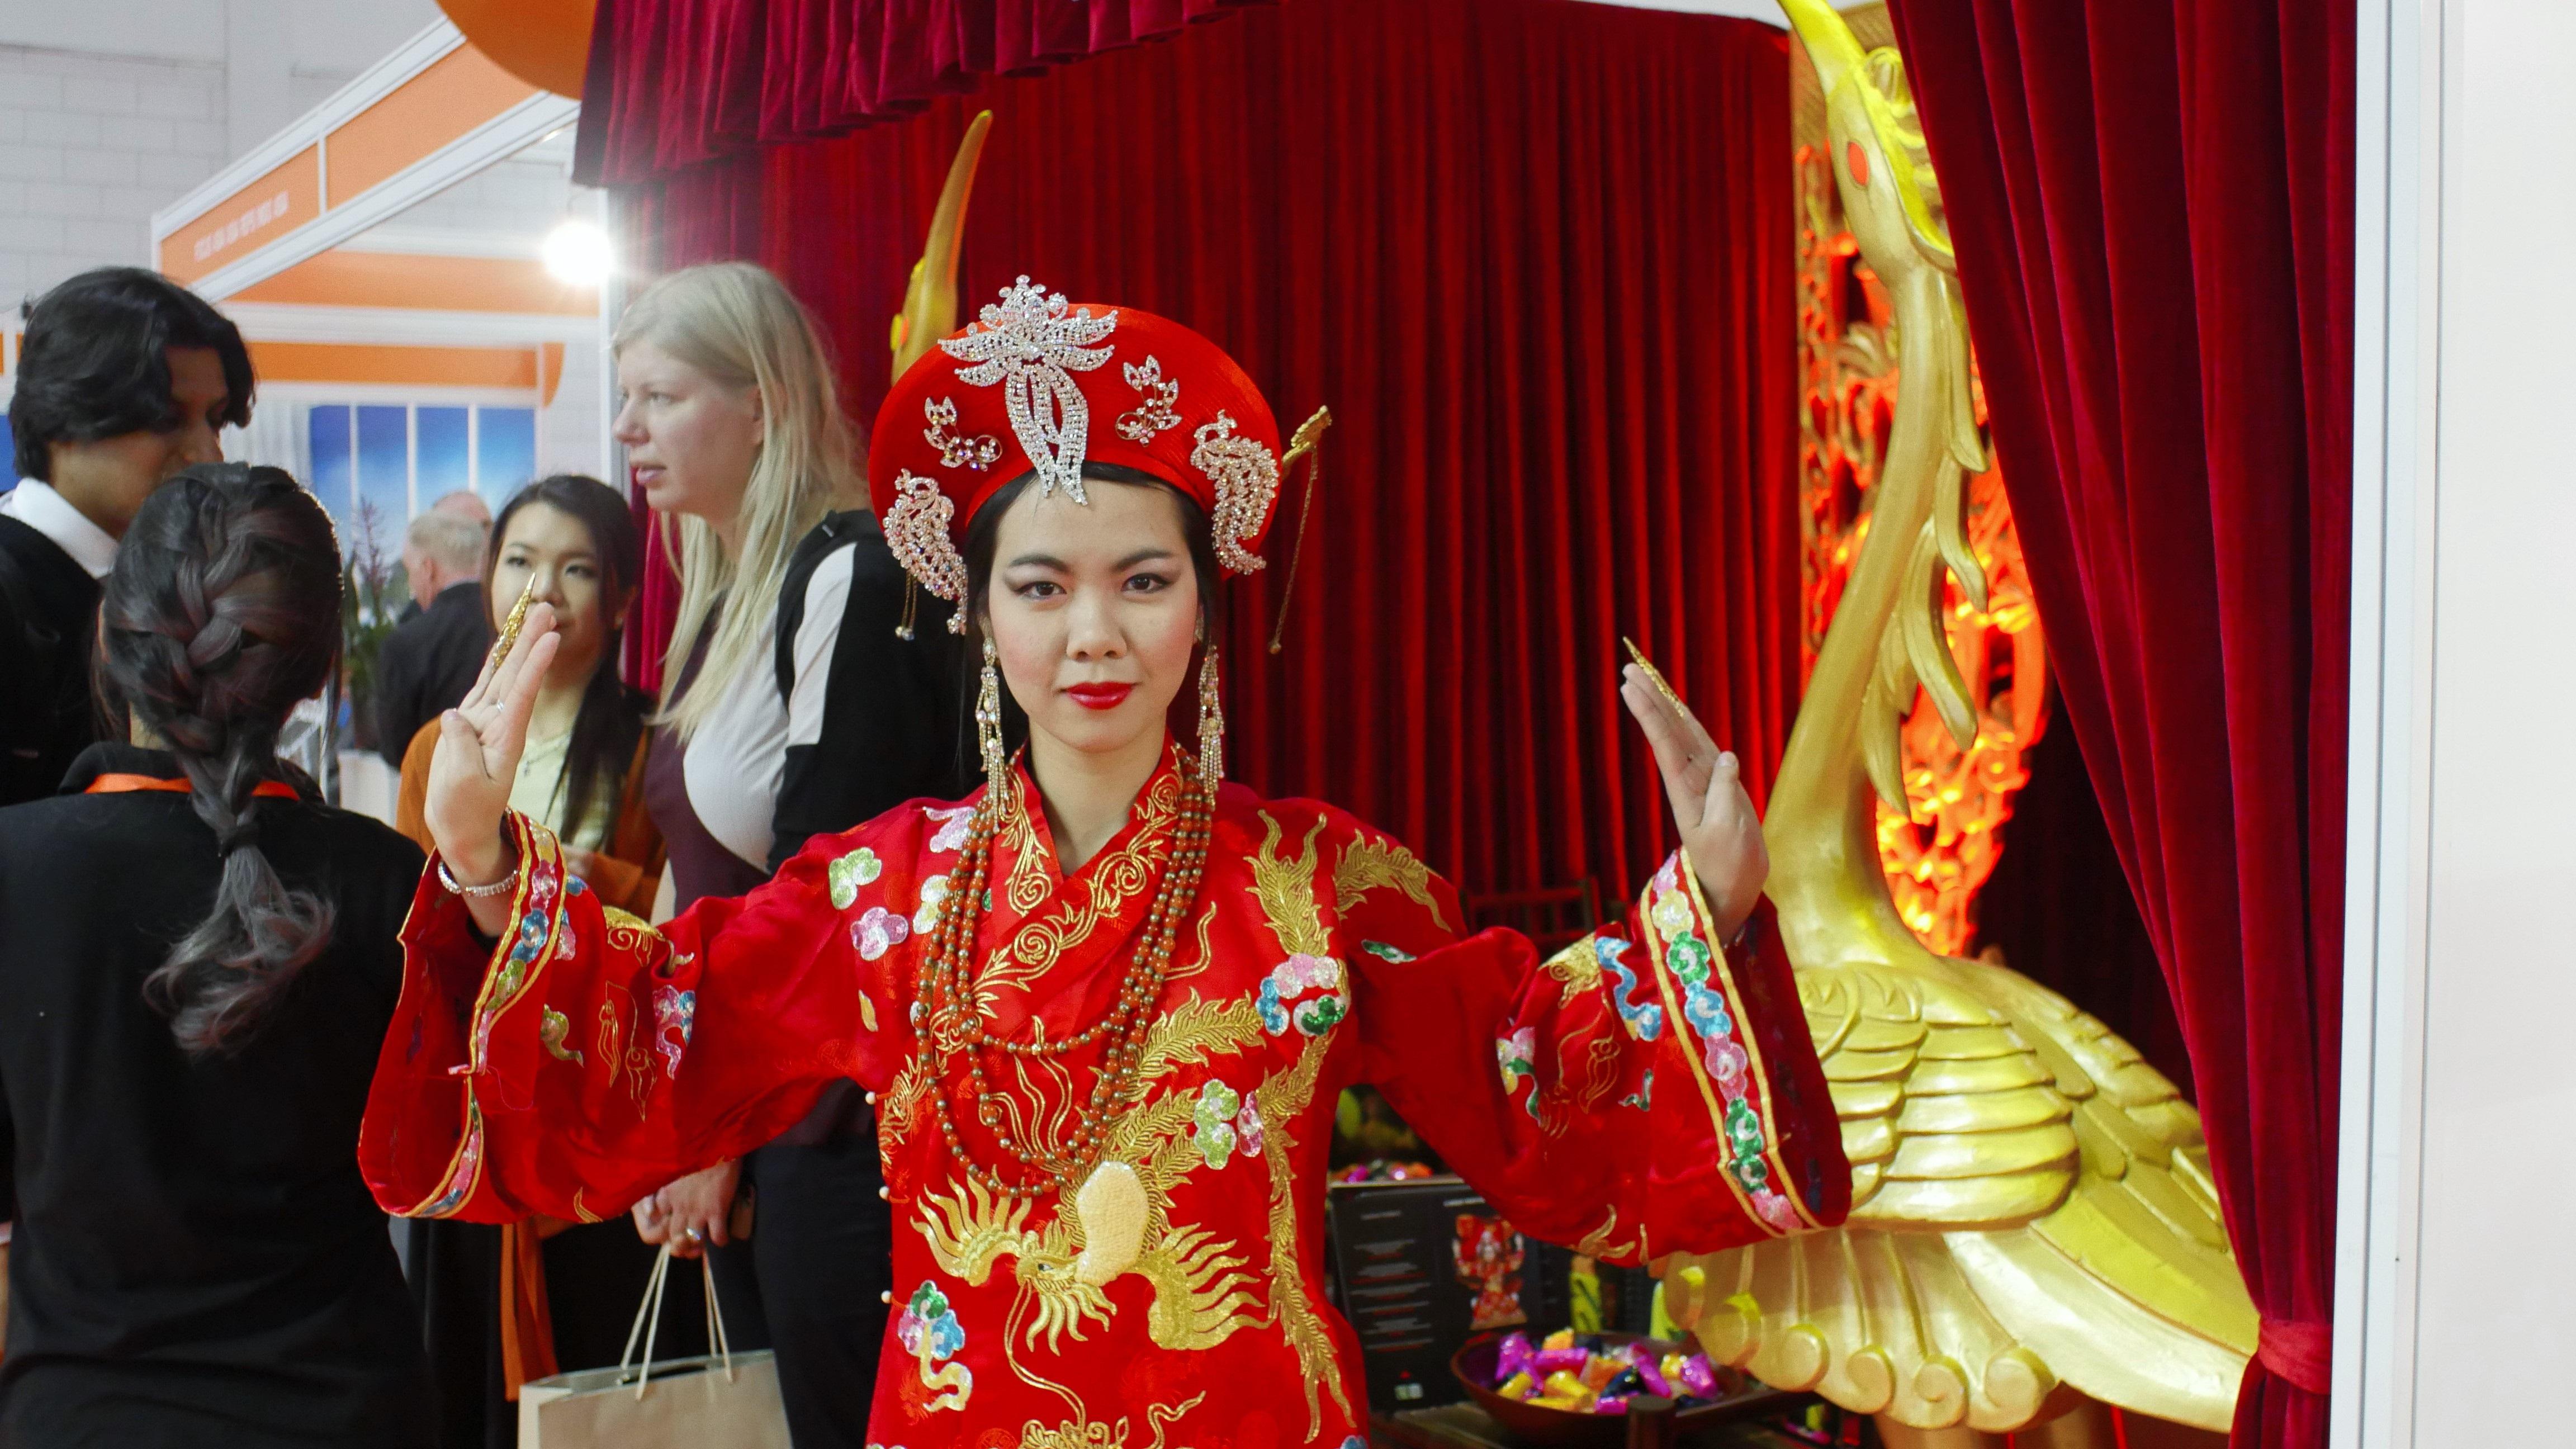 Una donna asiatica con un vestito tradizionale al World Travel Market